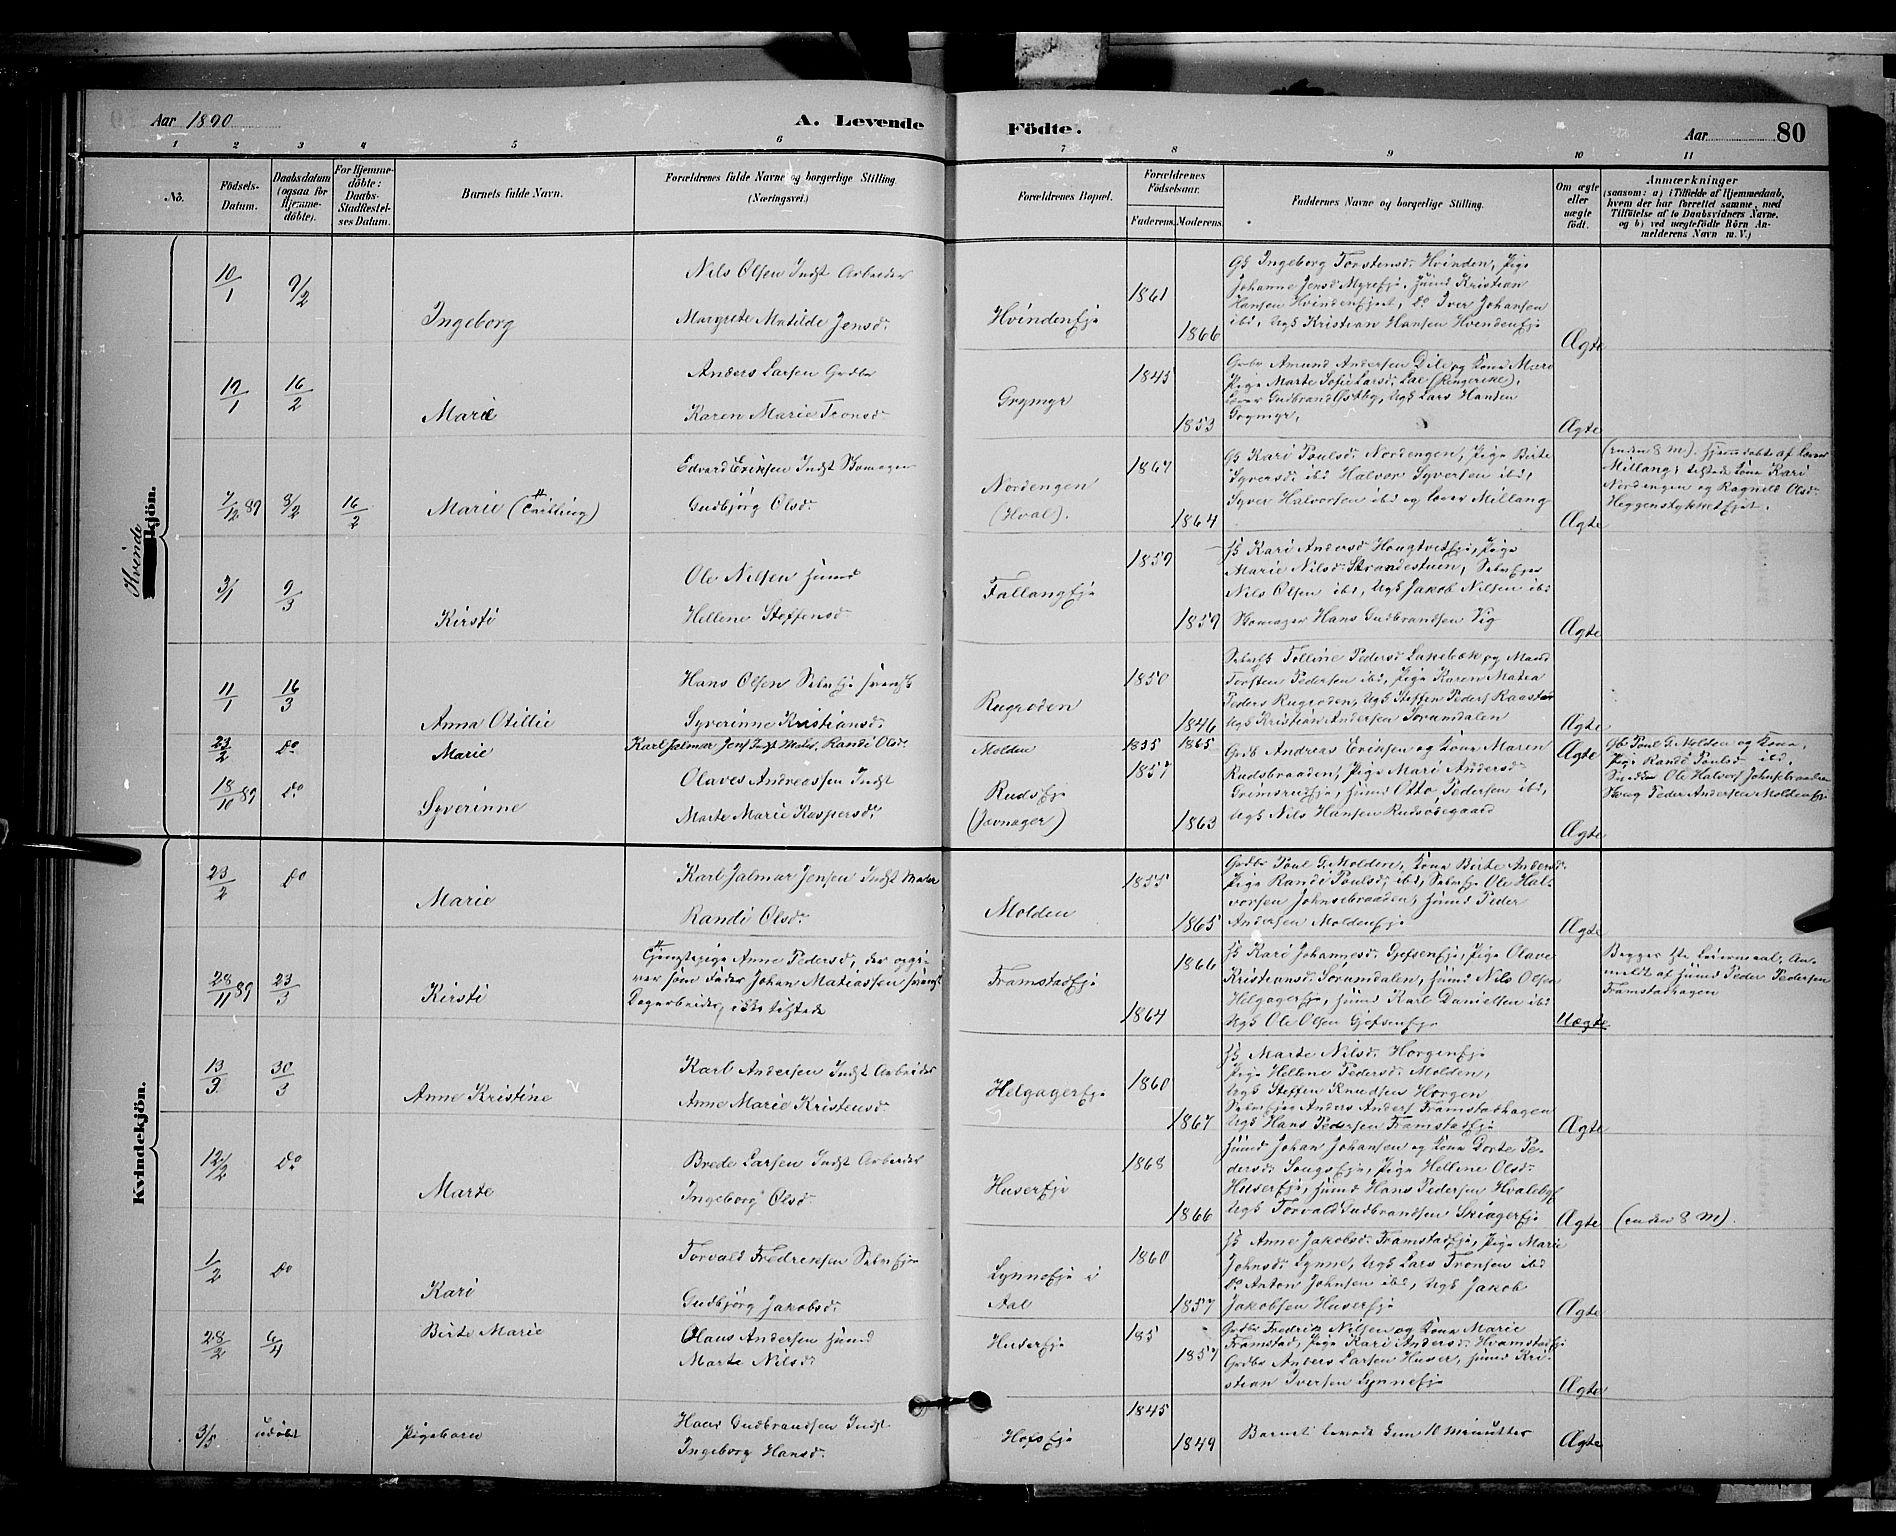 SAH, Gran prestekontor, Klokkerbok nr. 2, 1879-1892, s. 80